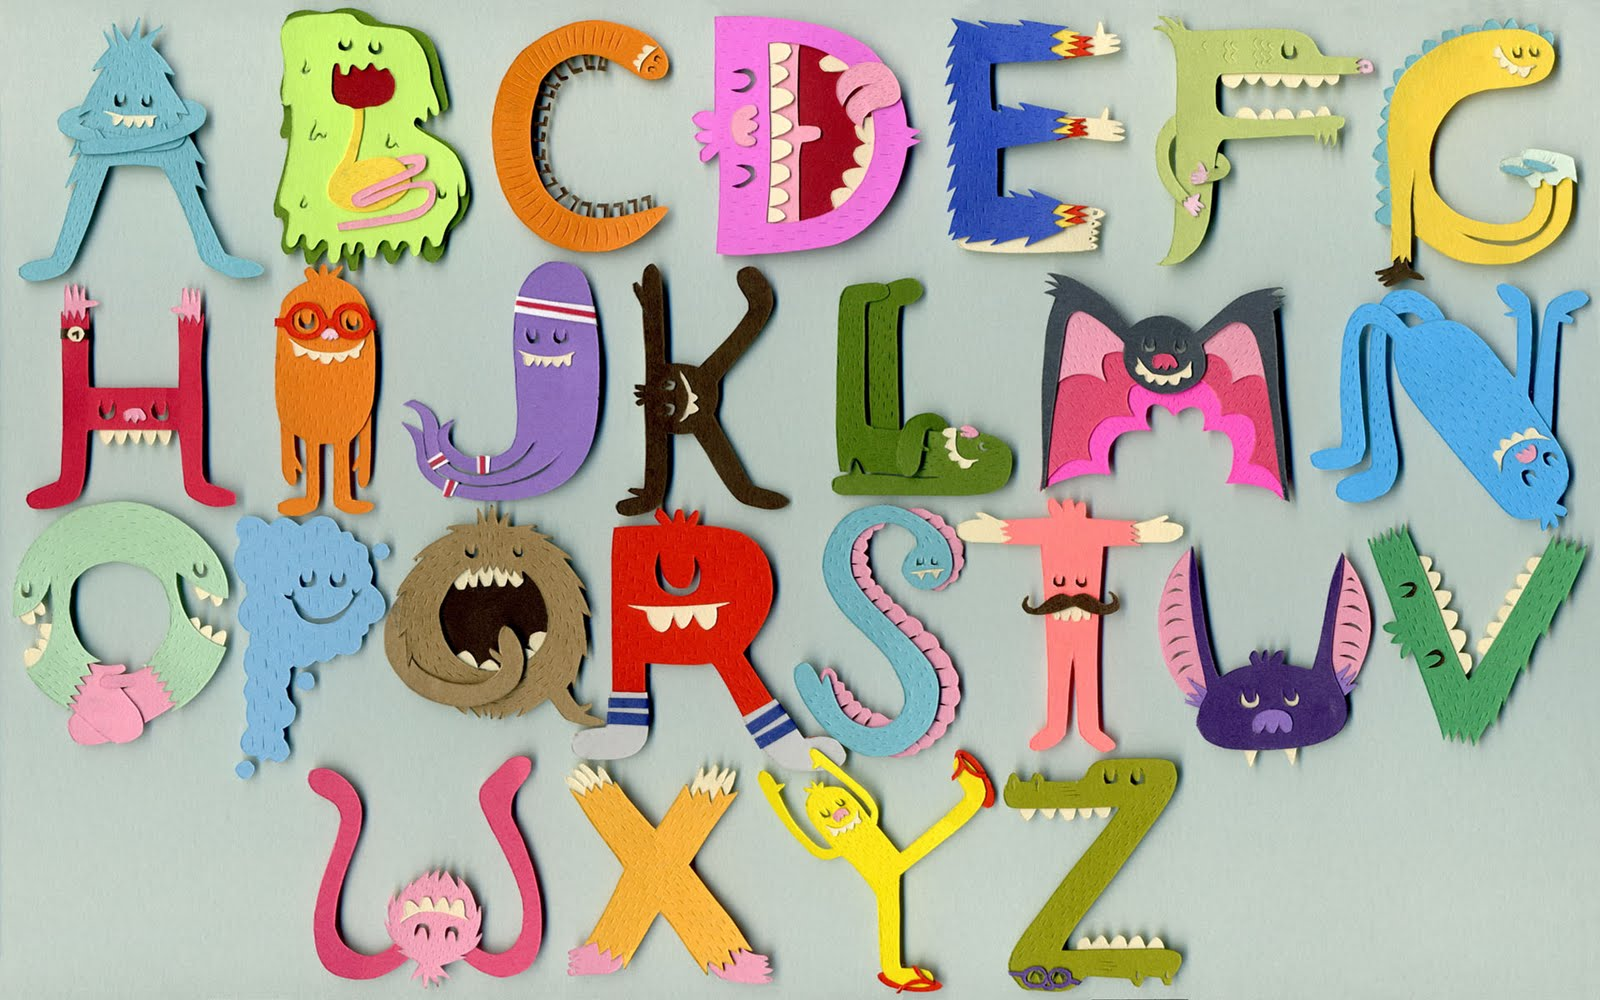 http://2.bp.blogspot.com/_Od8cDT3ZrHM/THbRhgGTBjI/AAAAAAAAH1Y/W9q6aOdWsGI/s1600/Alphabet_Paper2++Jared+Schorr.+Full+alphabet.jpg